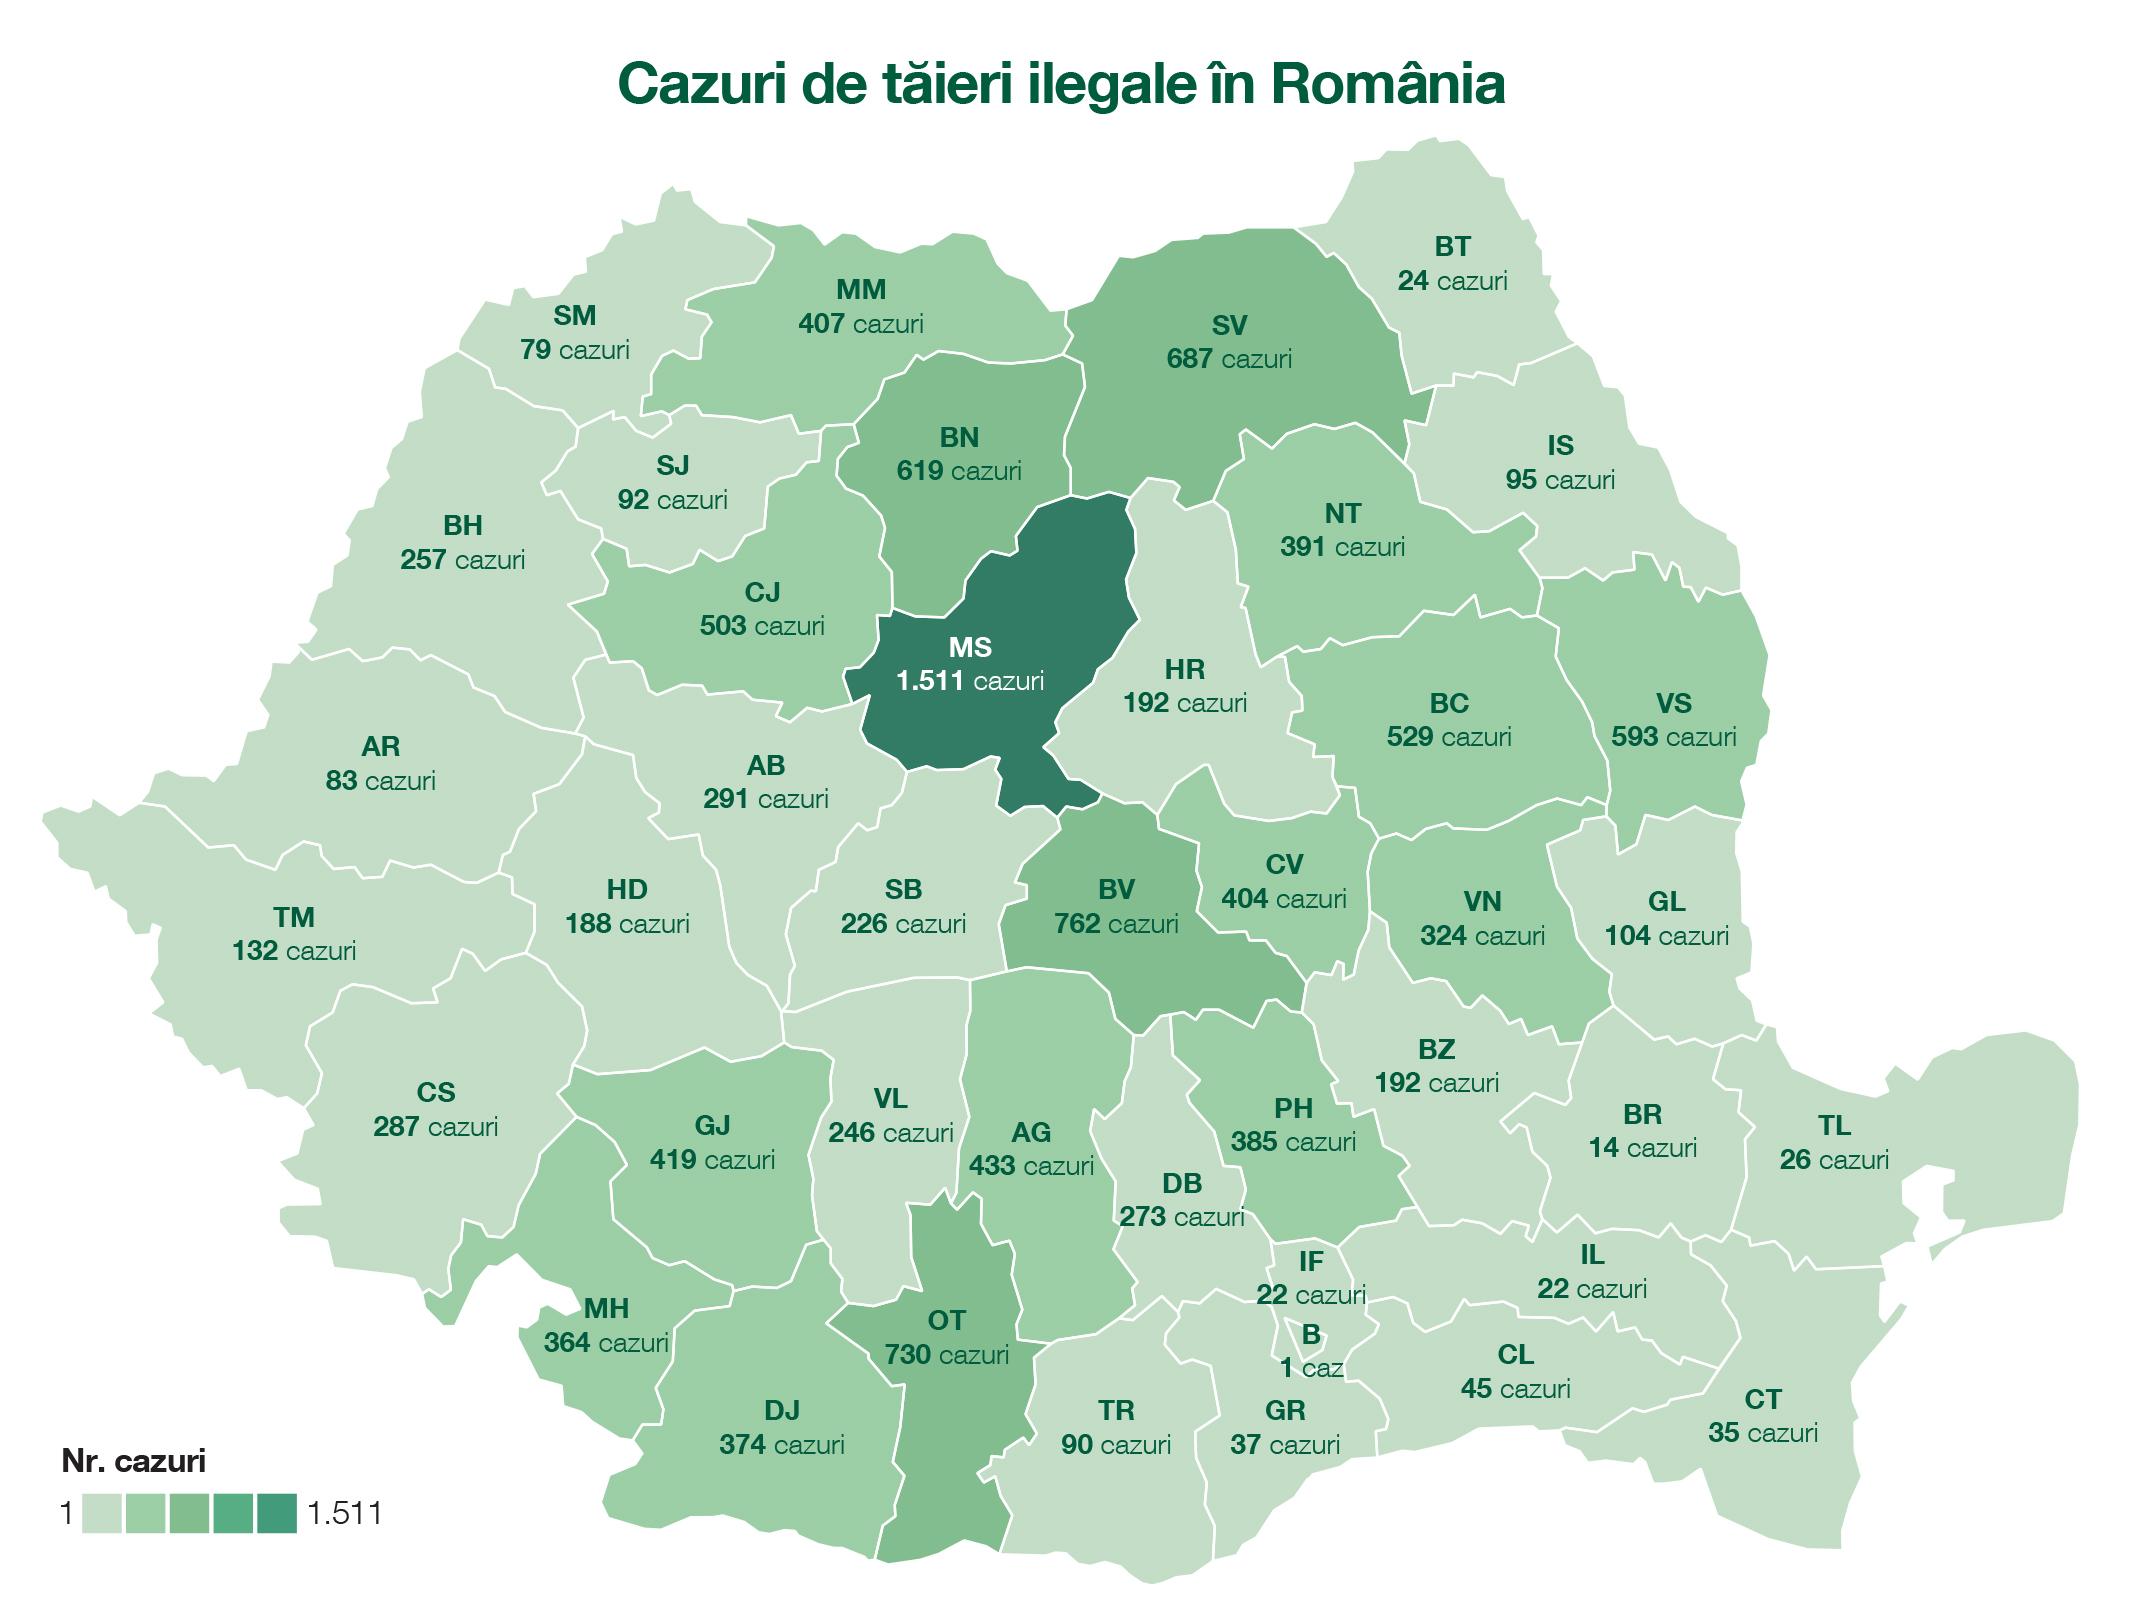 Harta Tăierilor Ilegale Din Păduri Pentru Anul 2017 Mureș Brașov